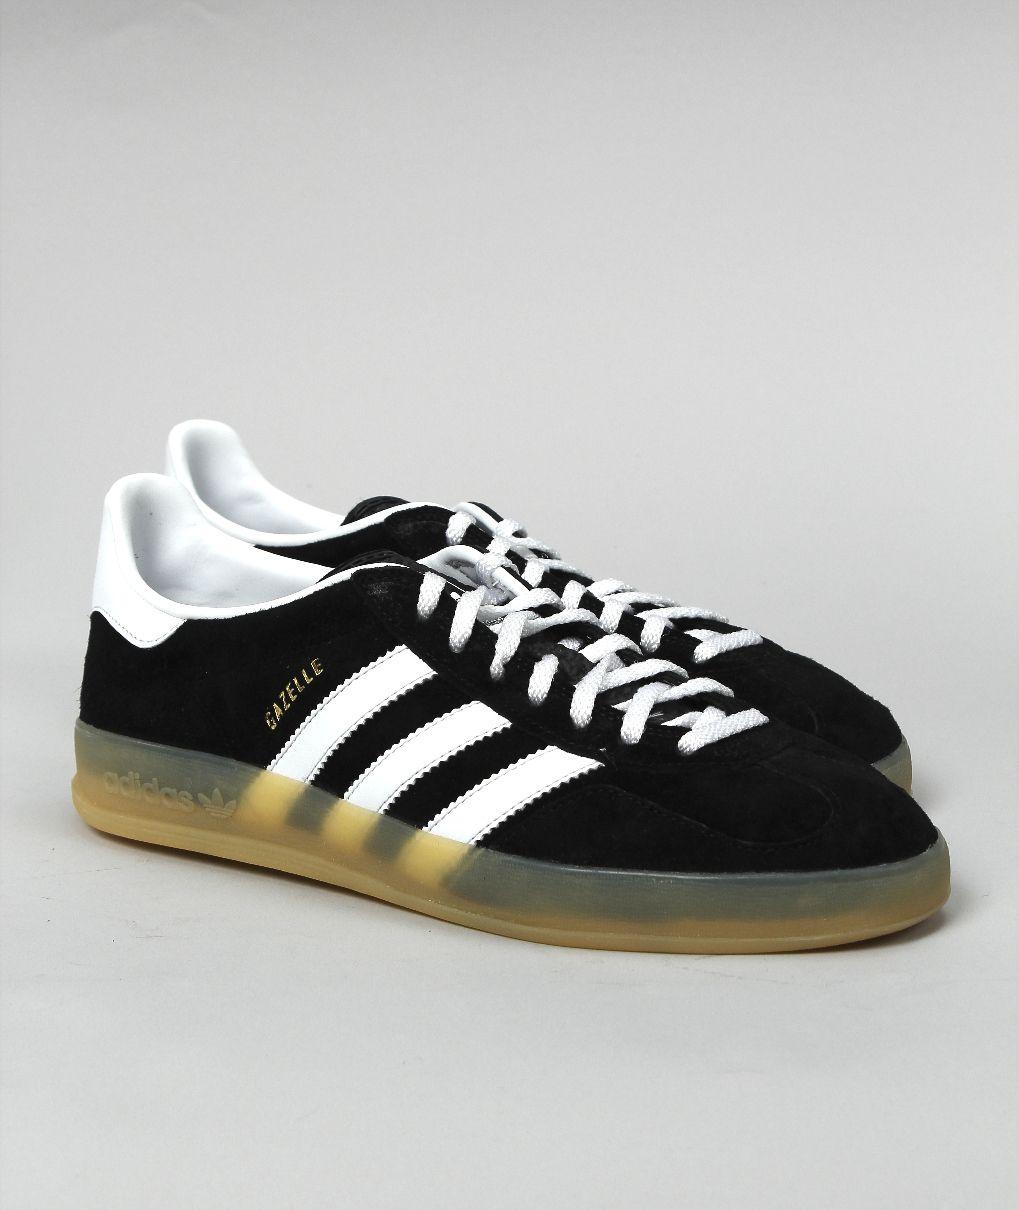 Adidas Gazelle Black Gum Sole | Adidas